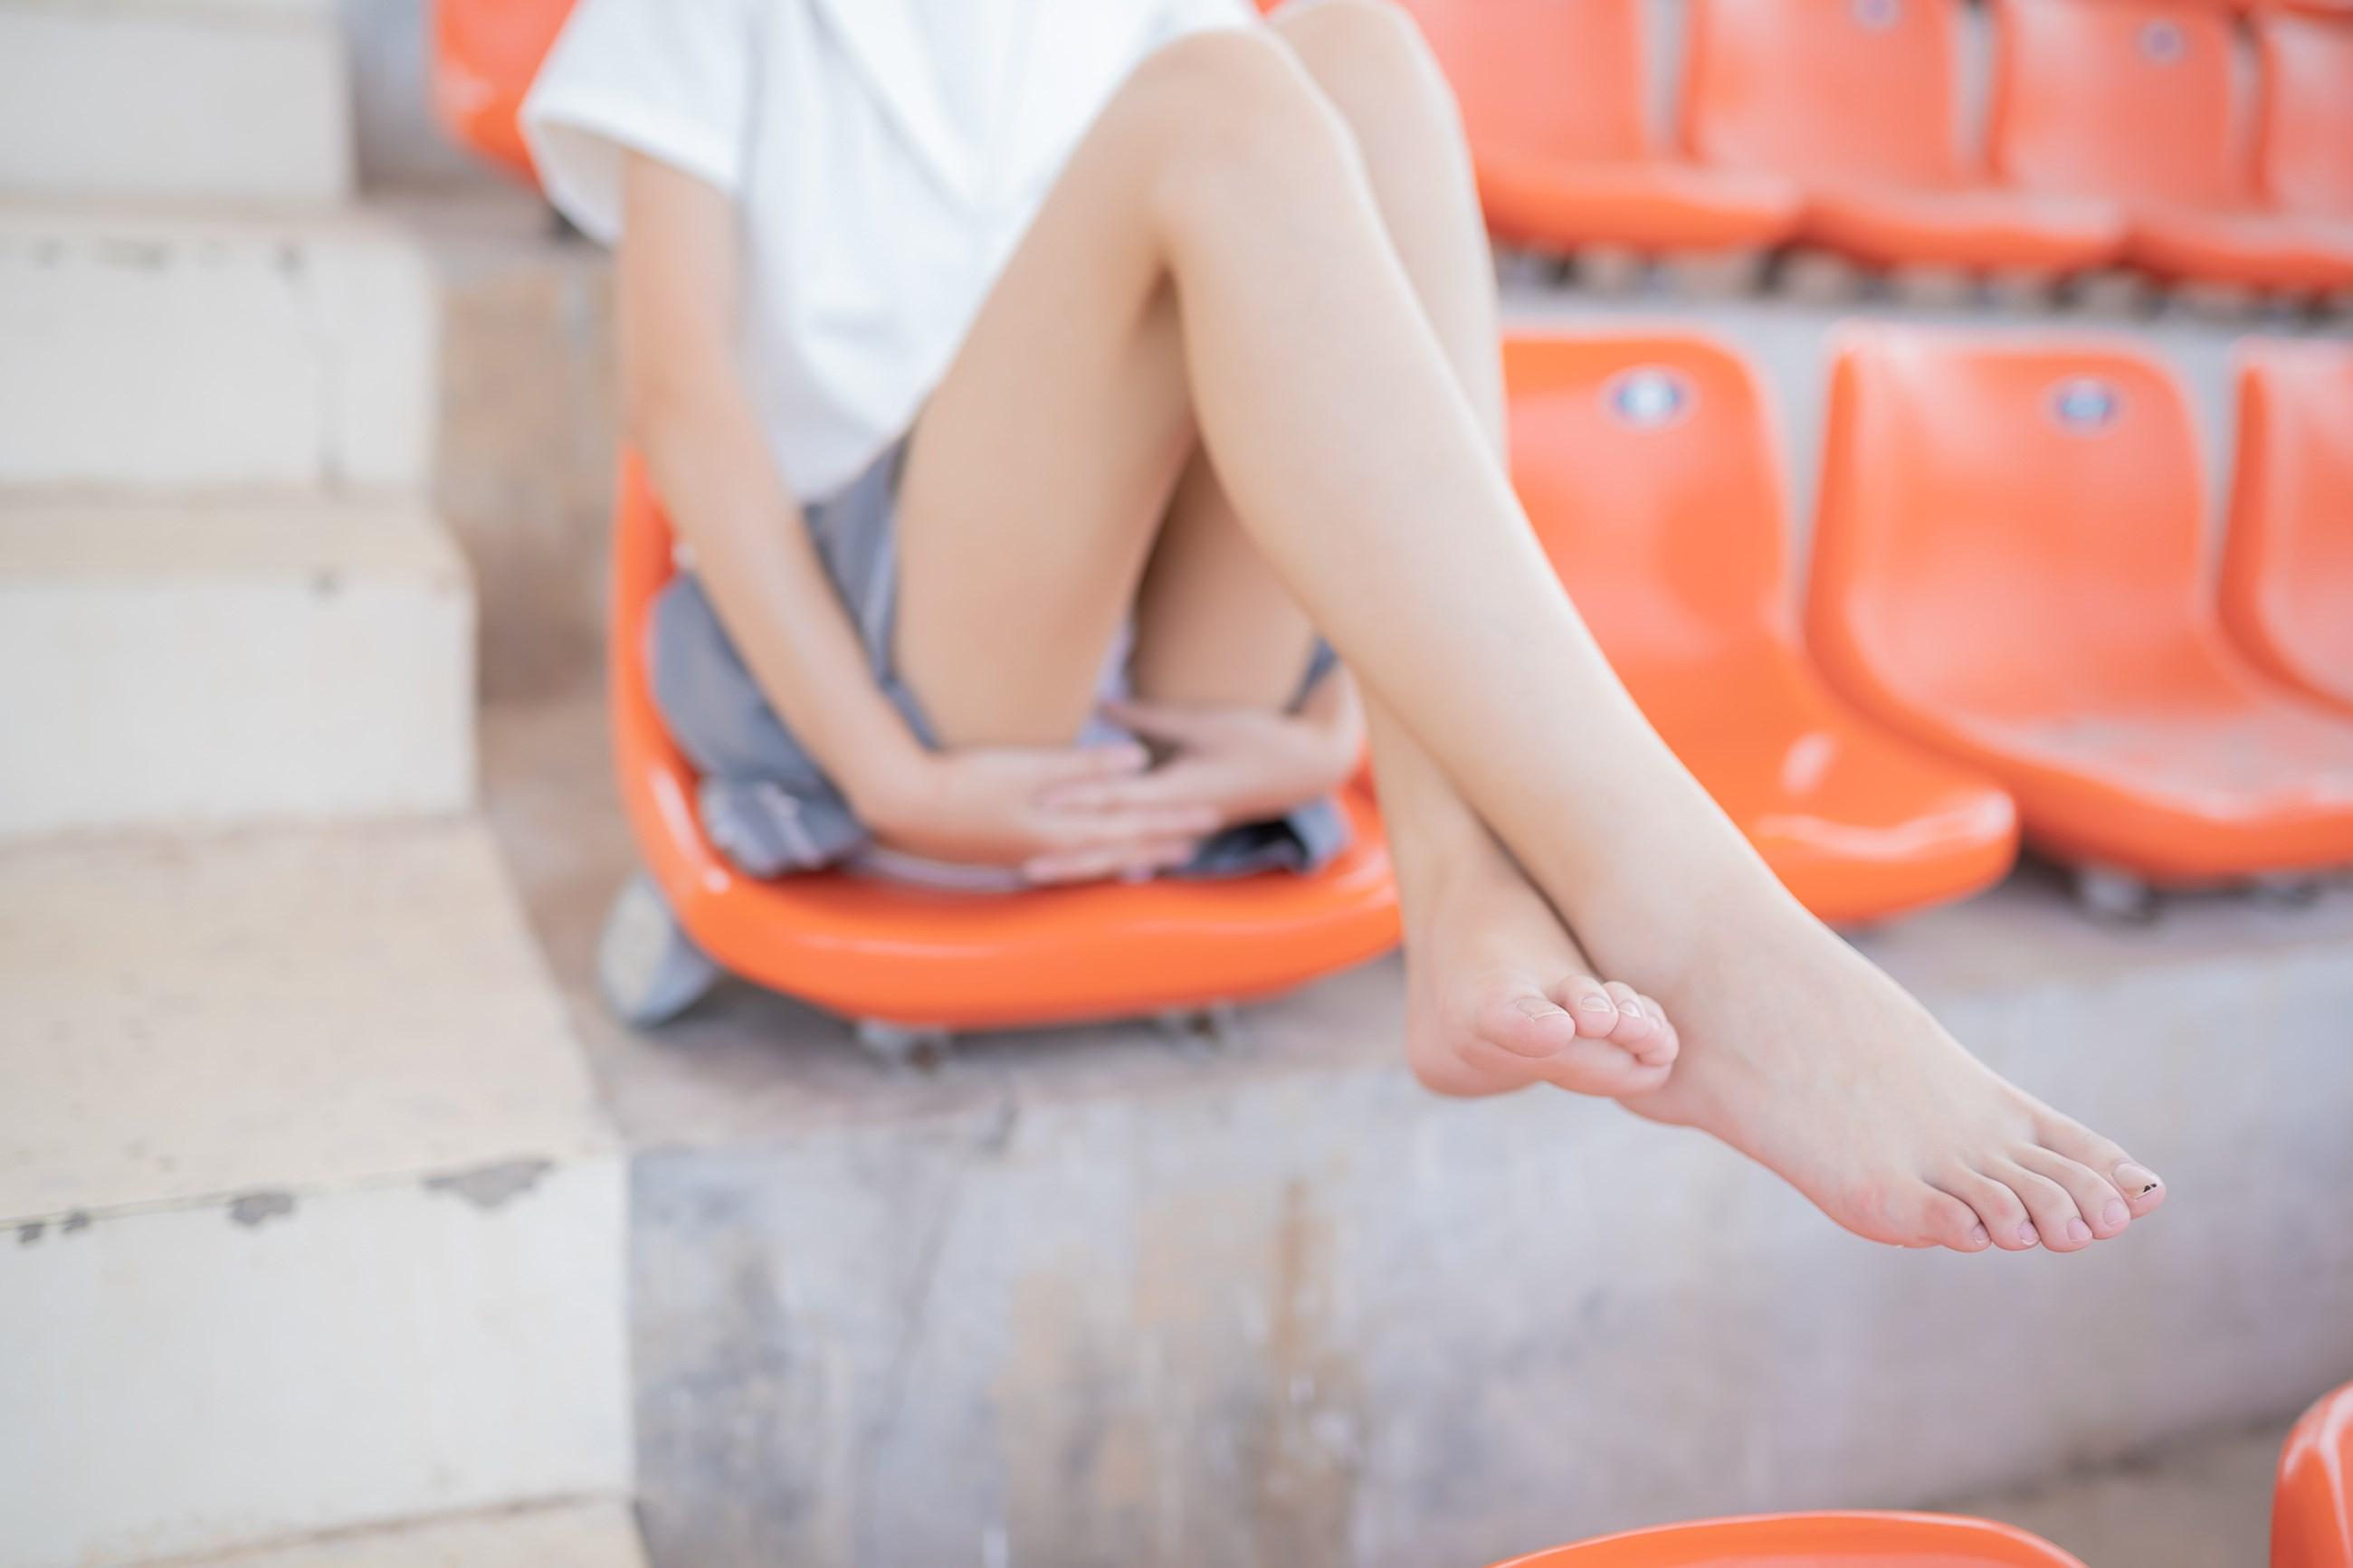 【兔玩映画】看台上的果腿少女 兔玩映画 第37张